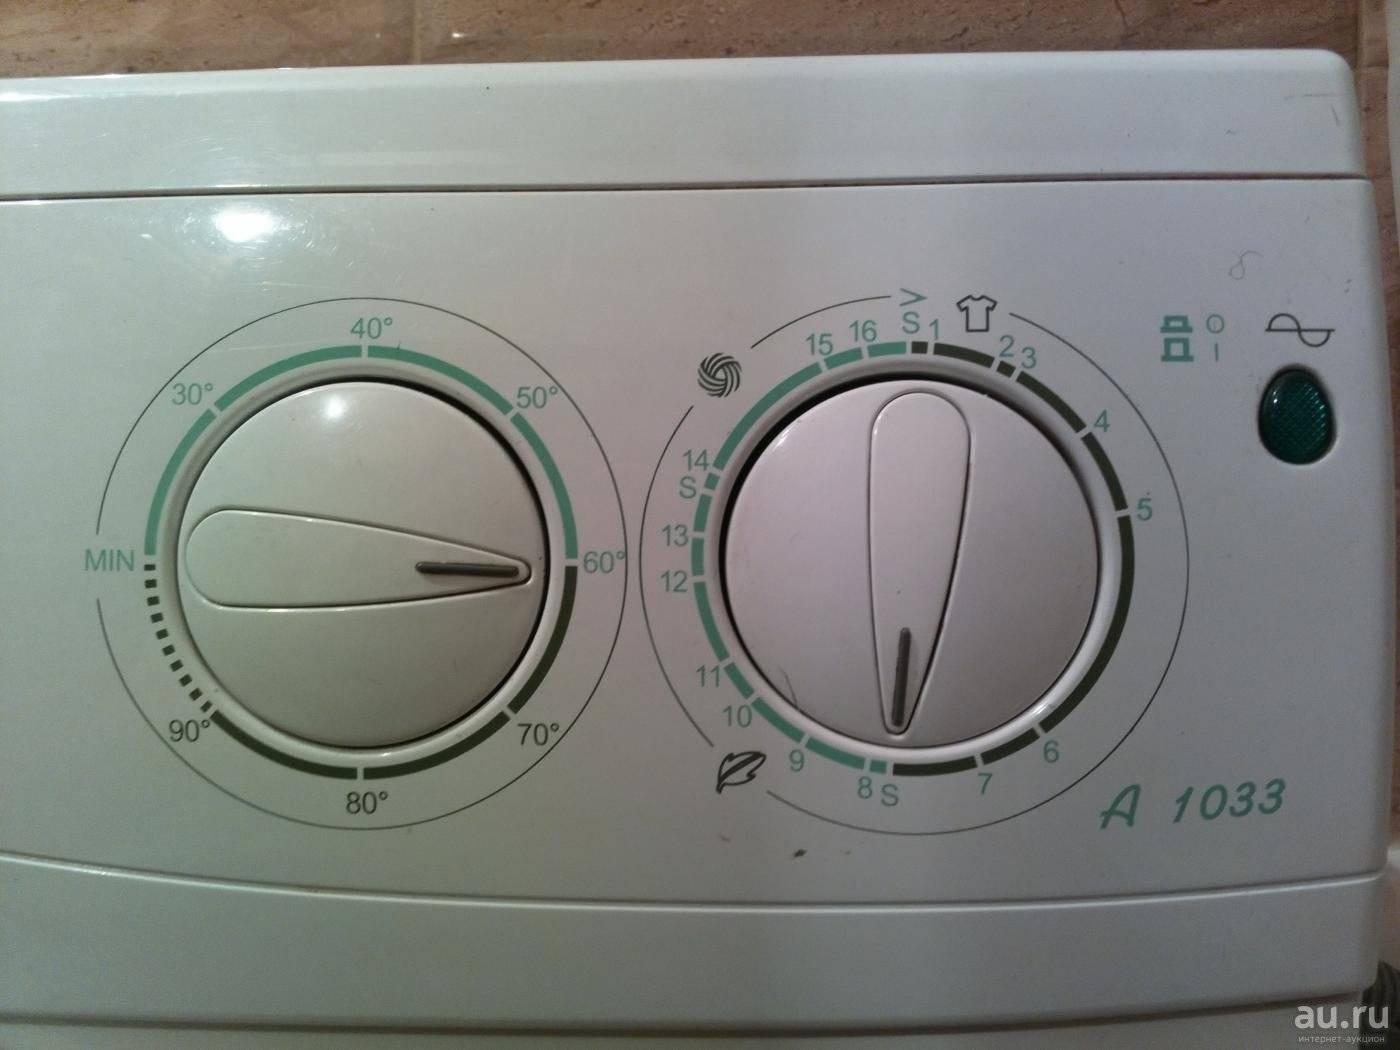 Виды и характеристики стиральных машин ardo